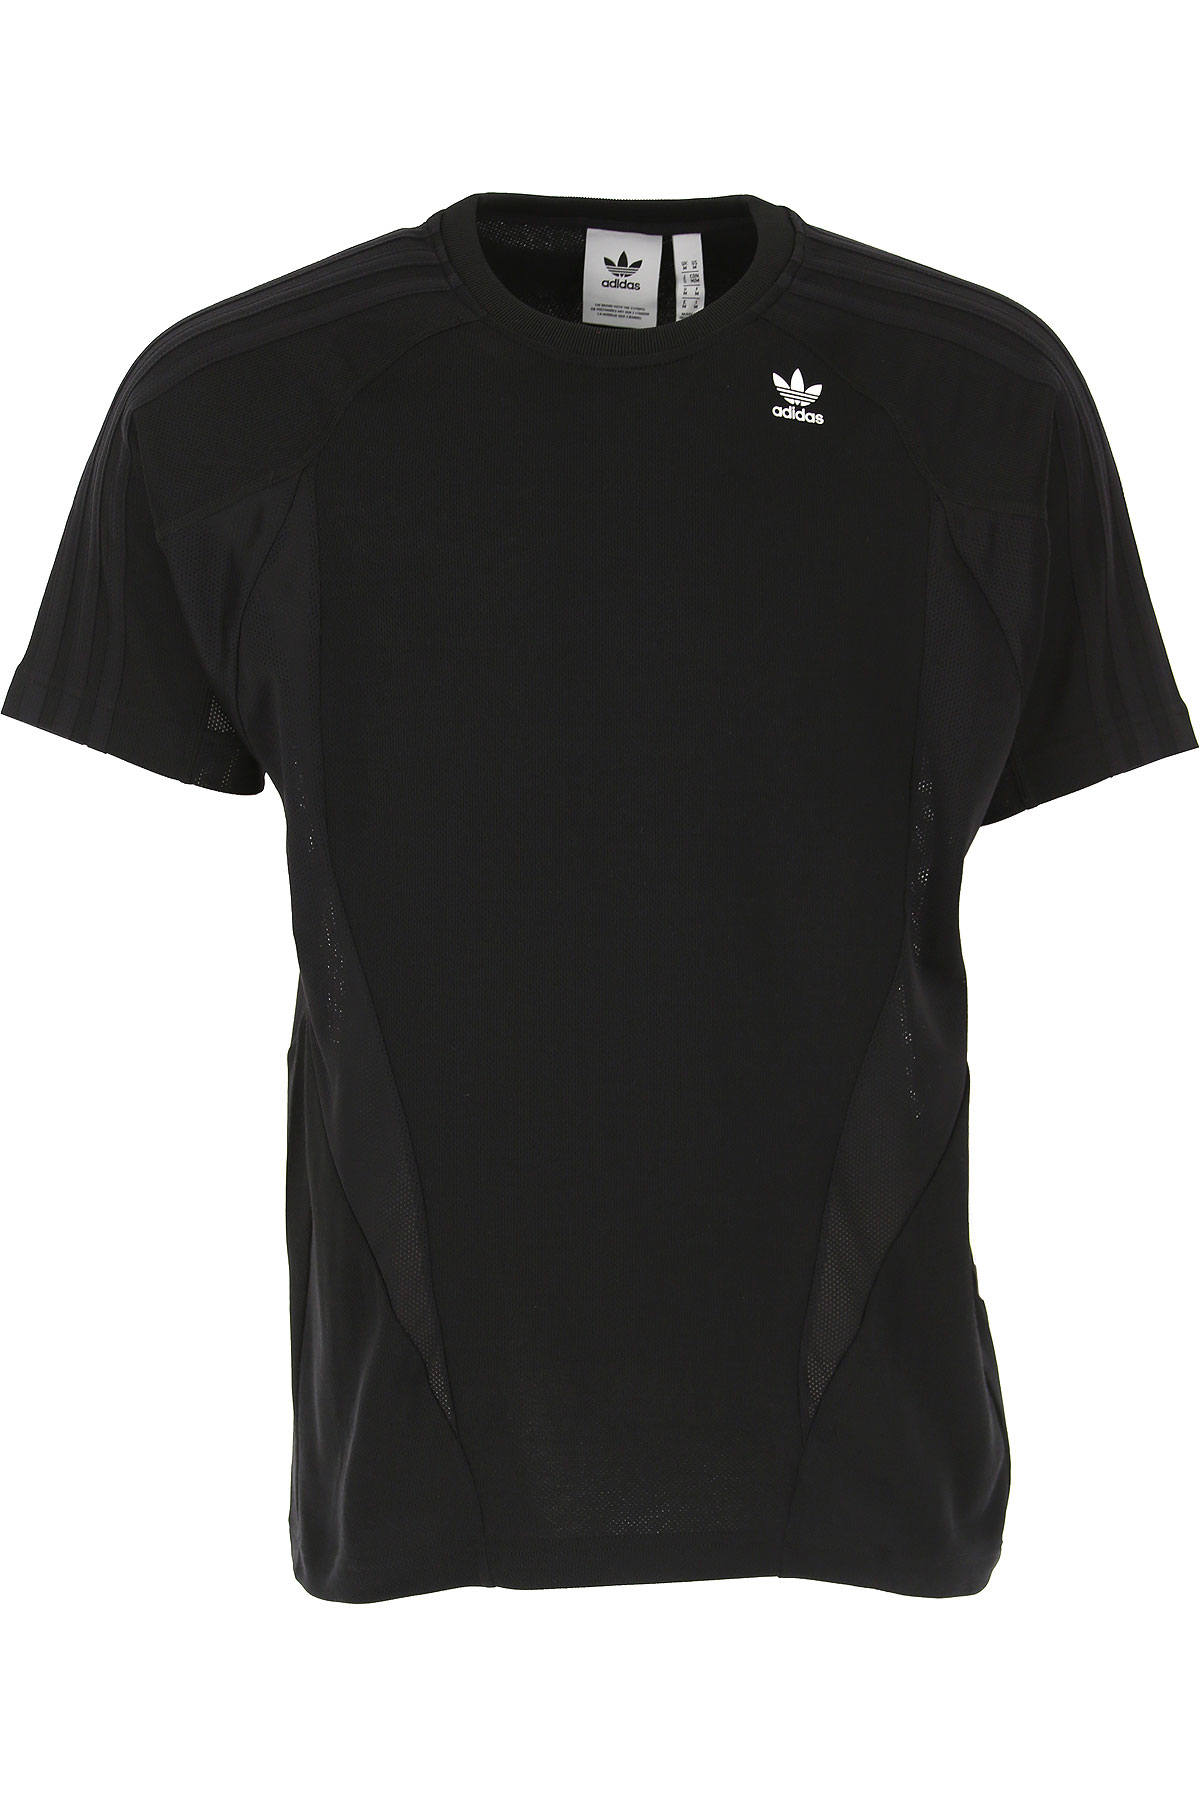 Adidas Camiseta de Hombre, Negro, Algodon, 2017, L S